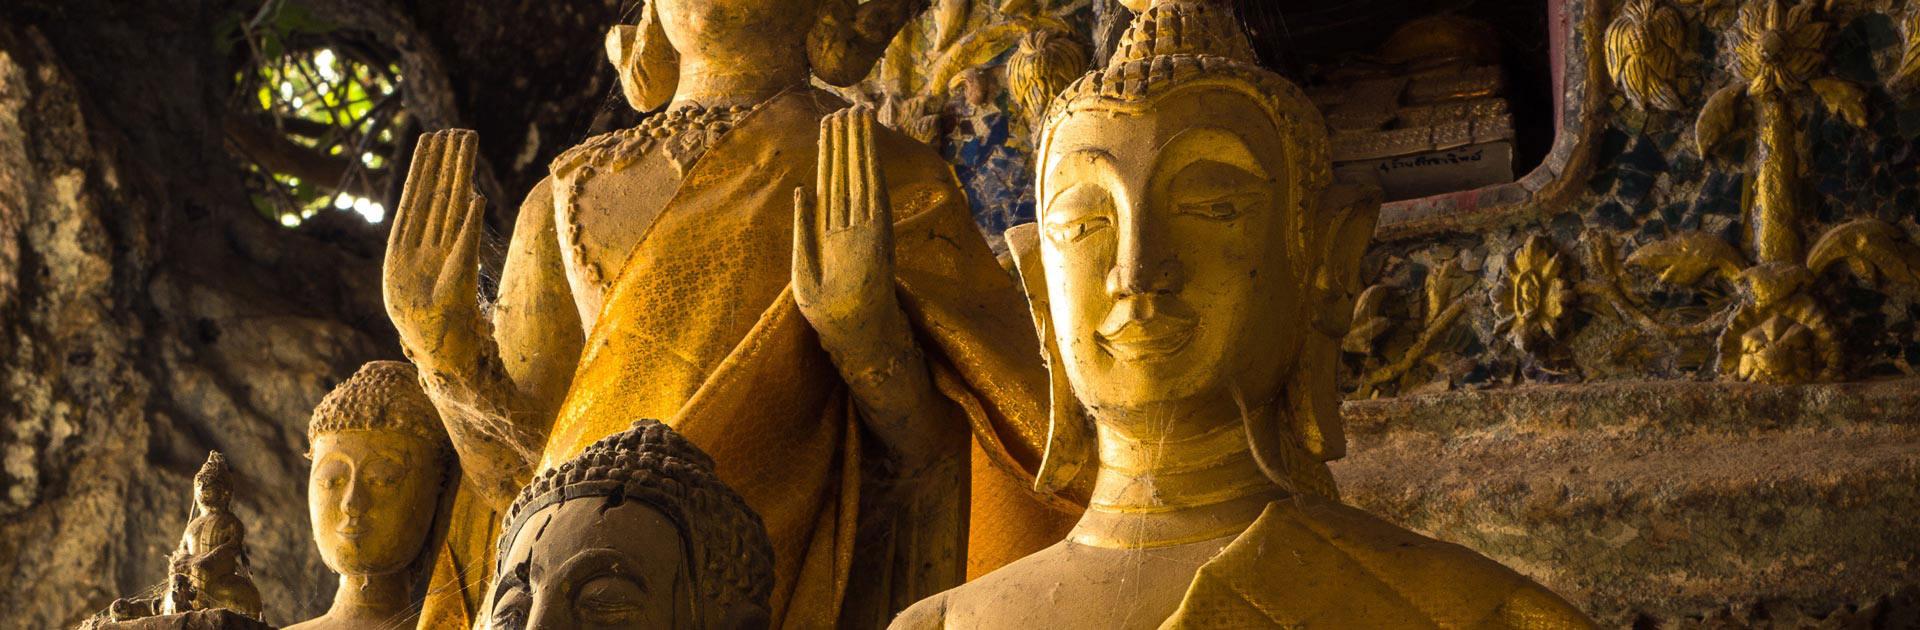 LA Atravesando Laos 10 días 2